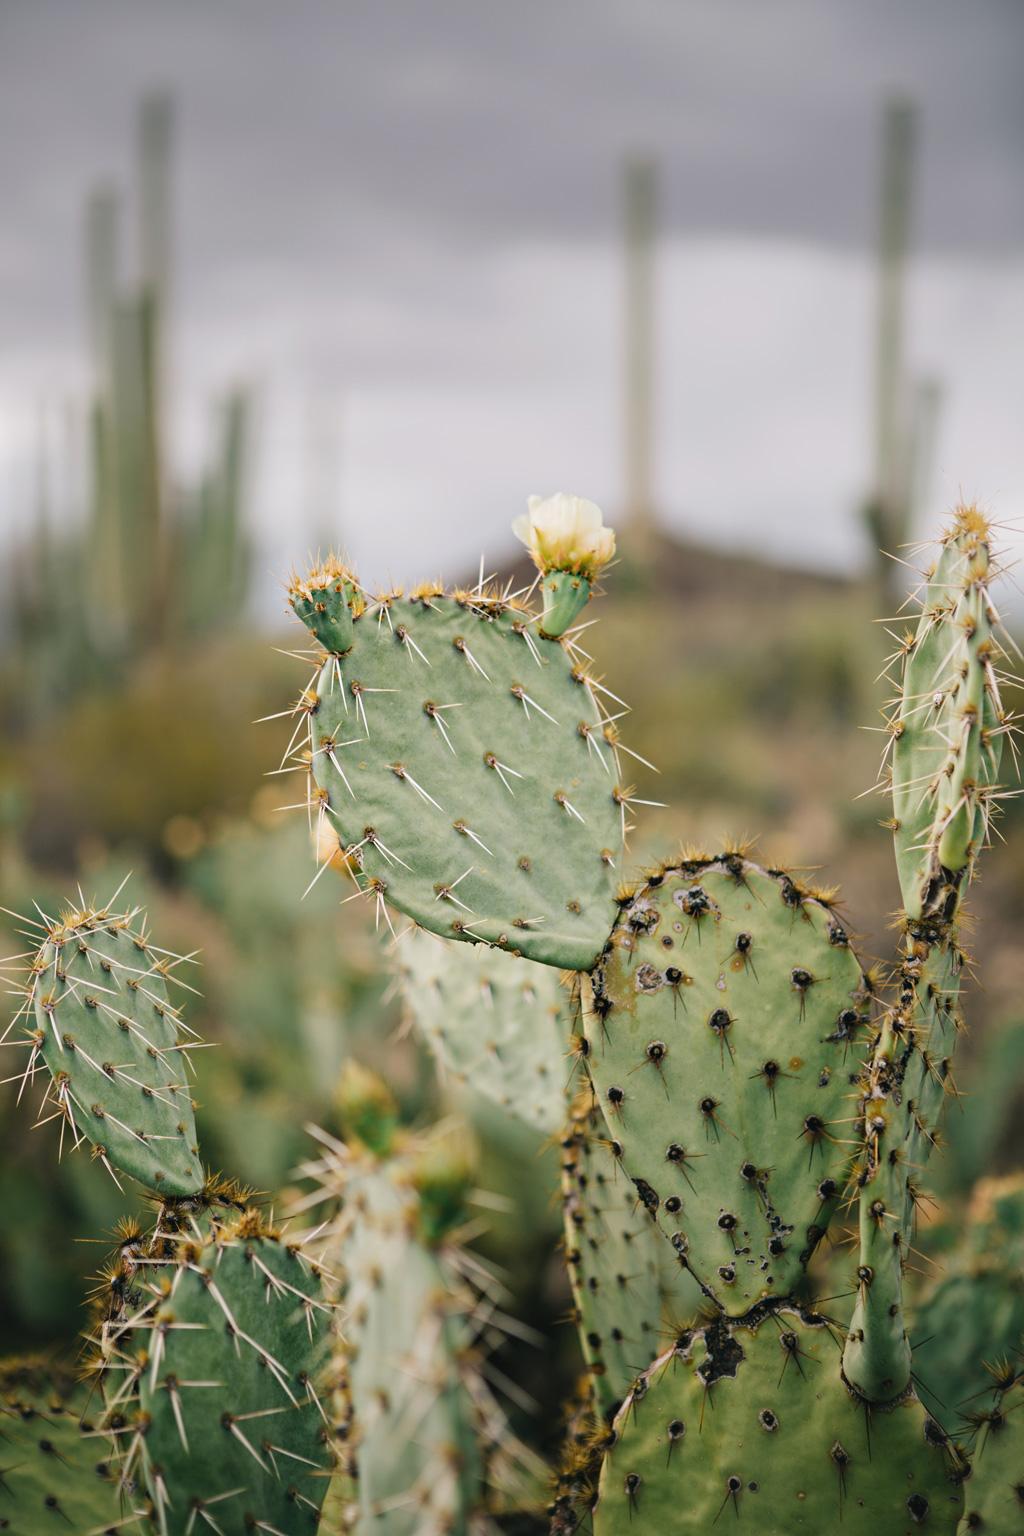 CindyGiovagnoli_Saguaro_National_Park_Arizona_desert_cactus_bloom_flowers-020.jpg